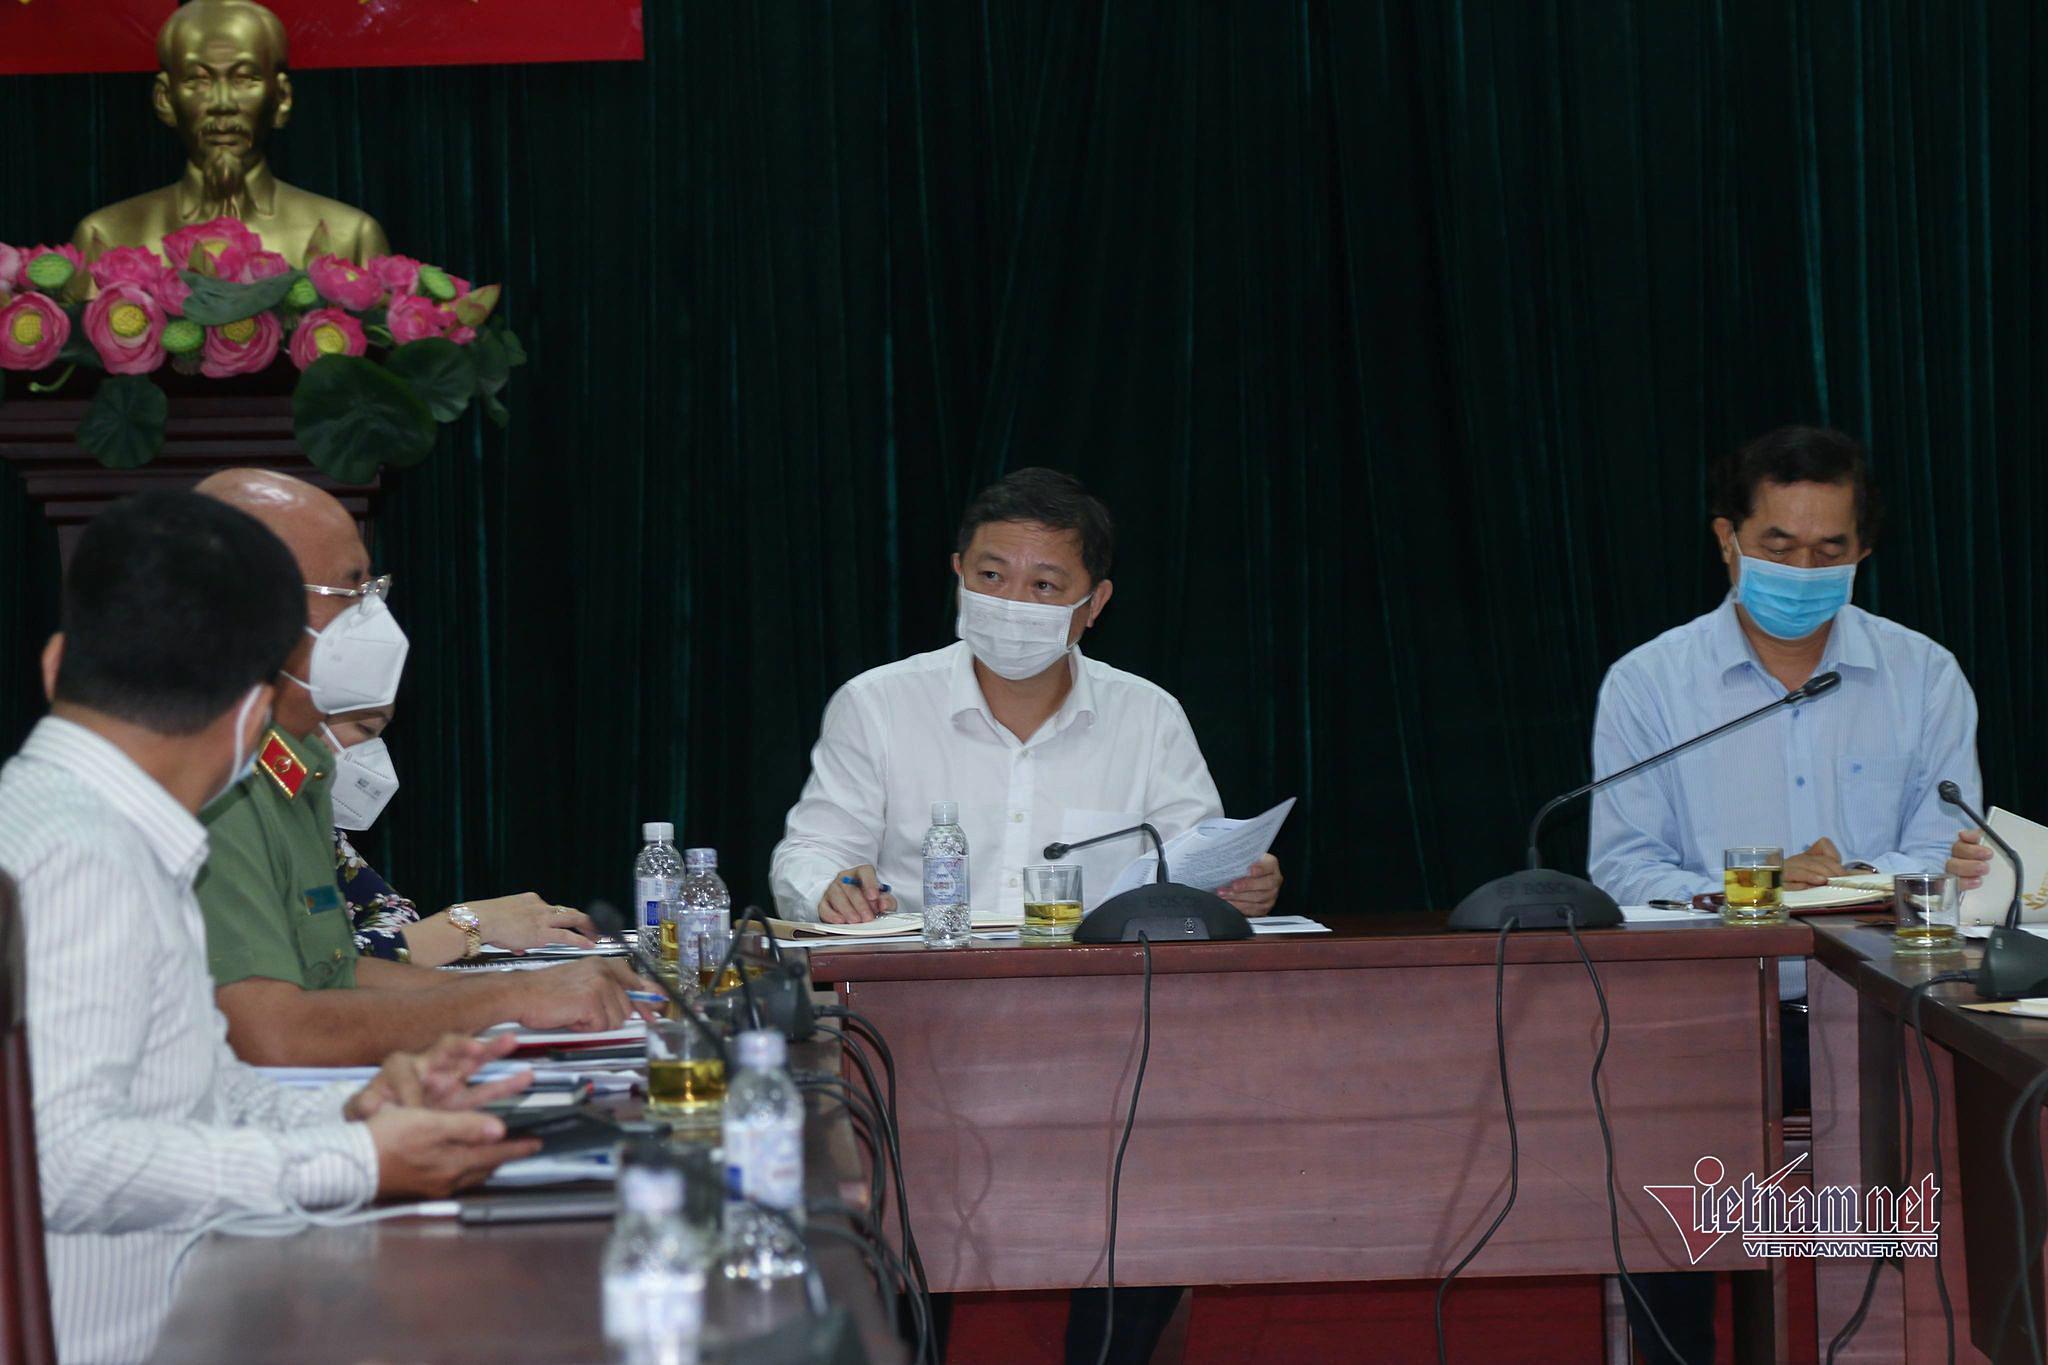 Gò Vấp lúng túng cách ly xã hội, lãnh đạo TP.HCM vào tâm dịch họp khẩn